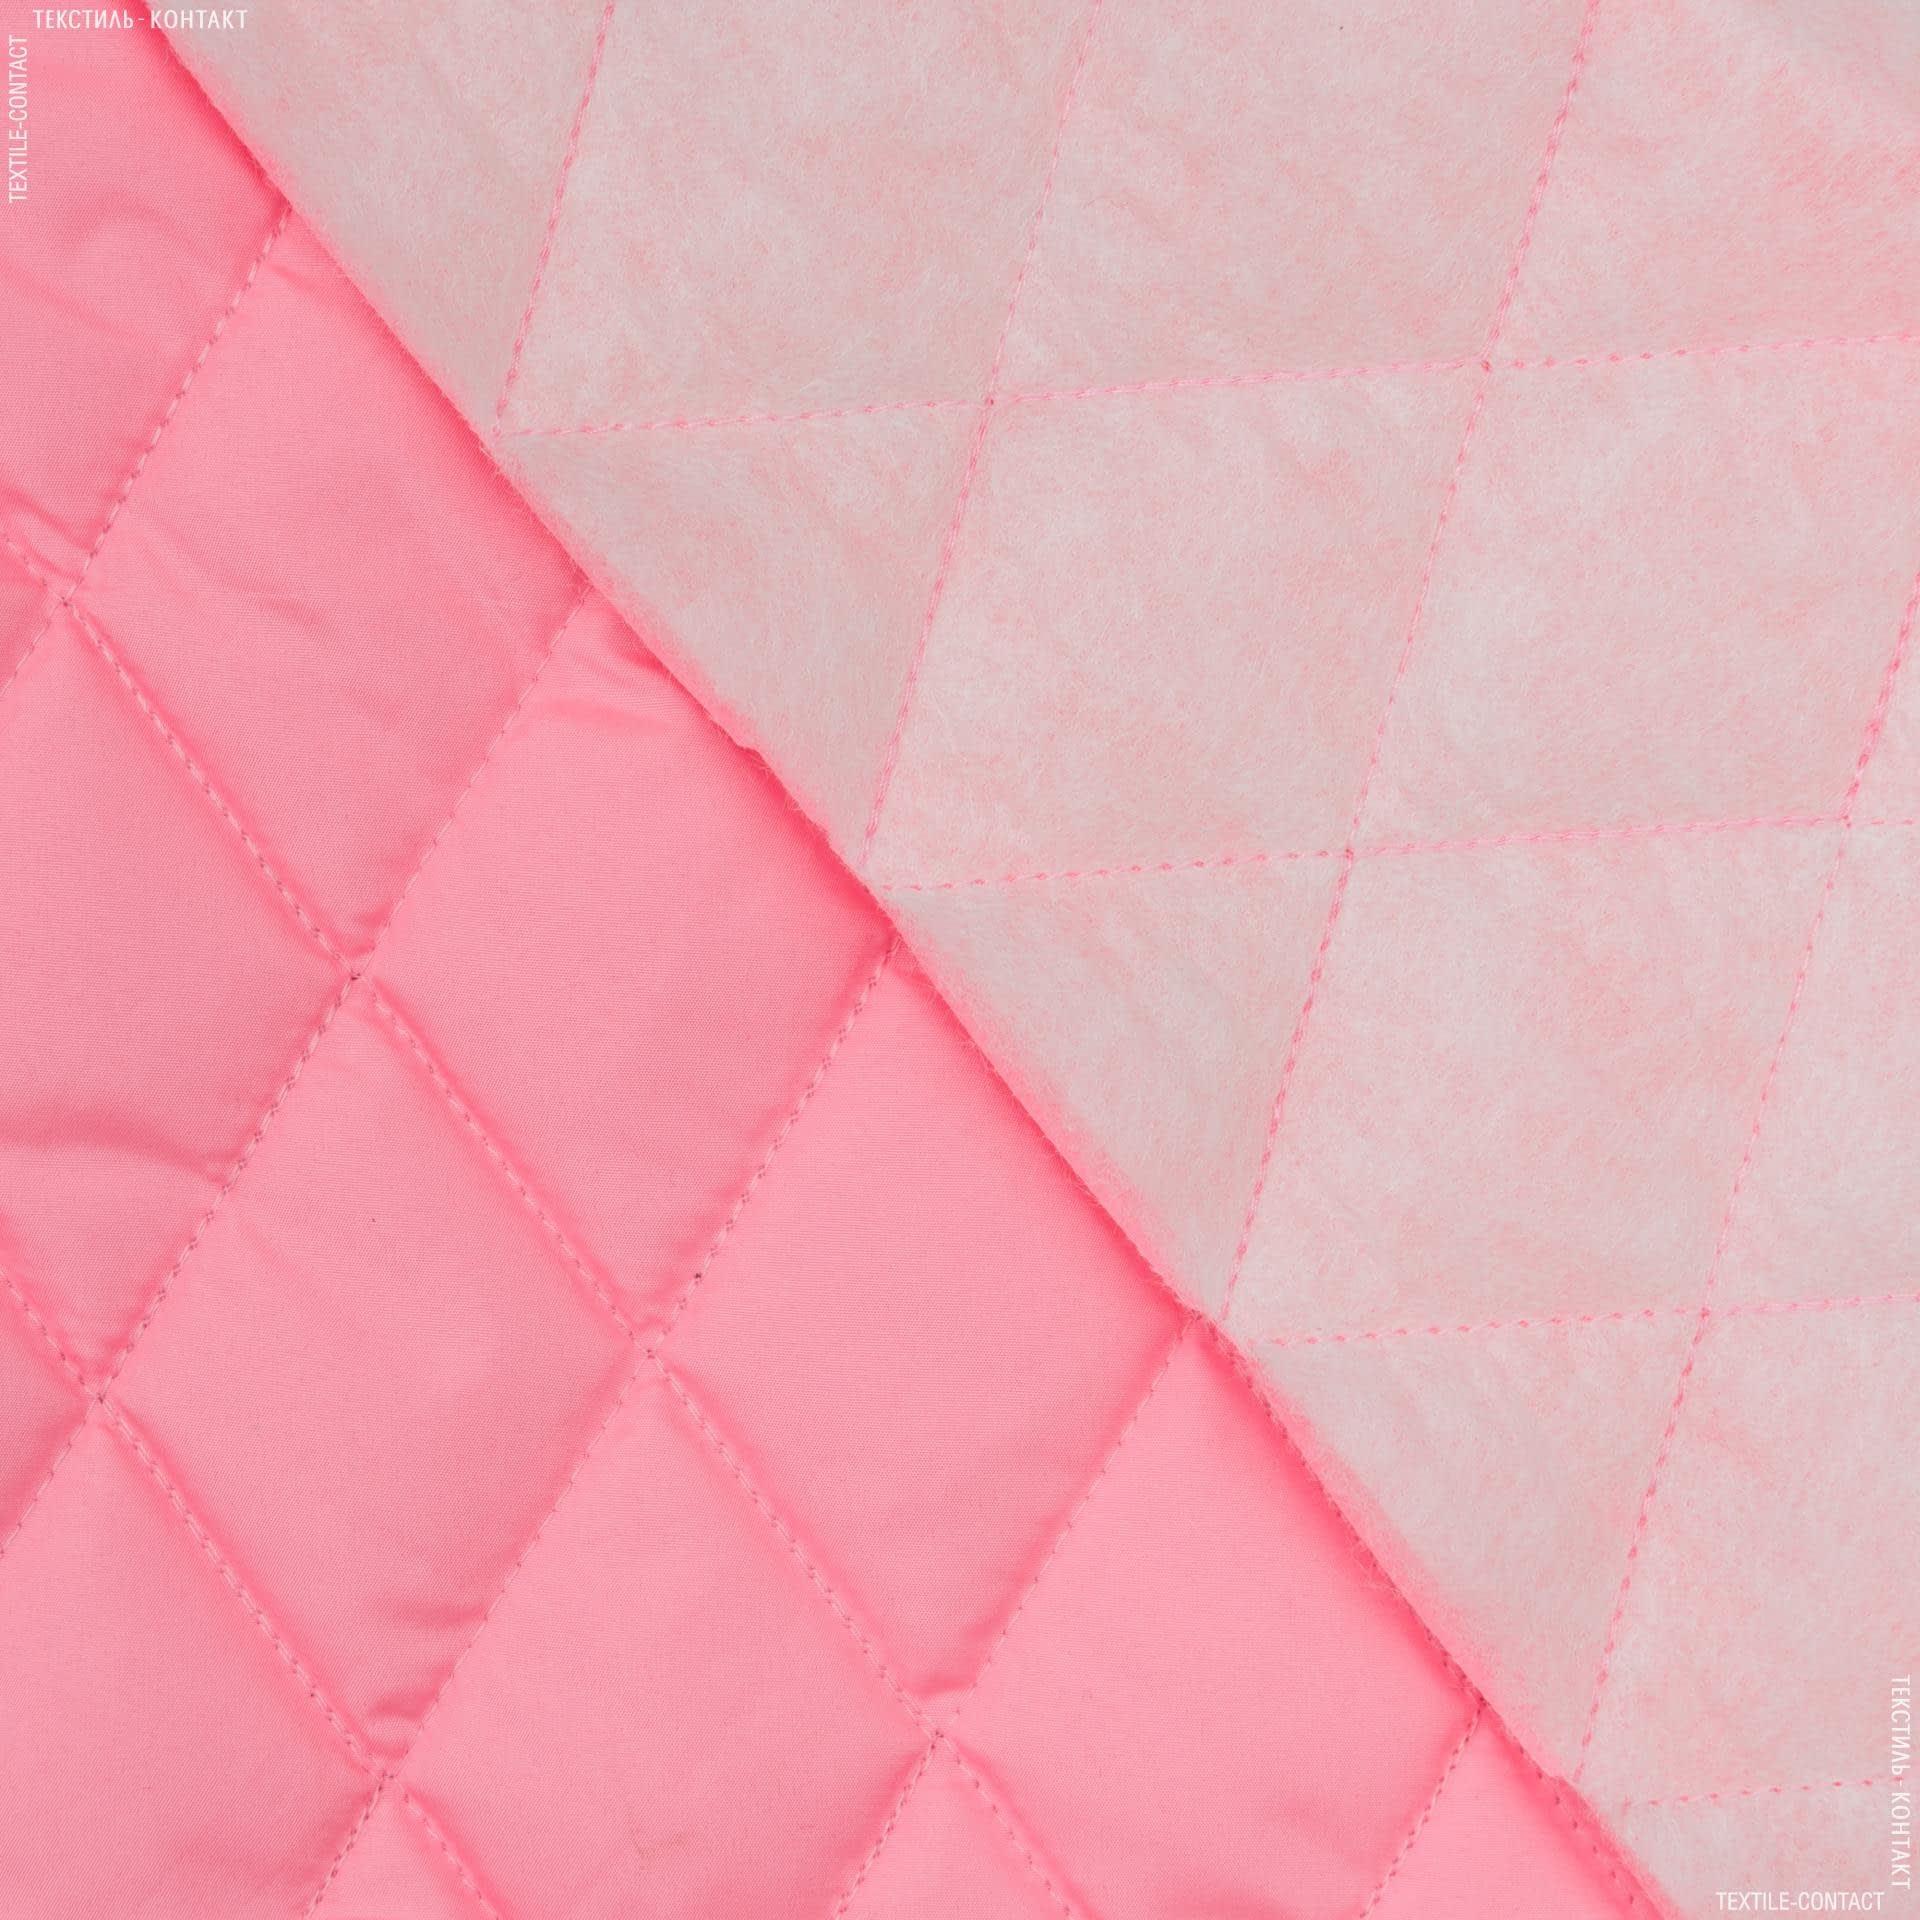 Тканини для верхнього одягу - Плащова фортуна стьобана з синтепоном яскраво-рожевий